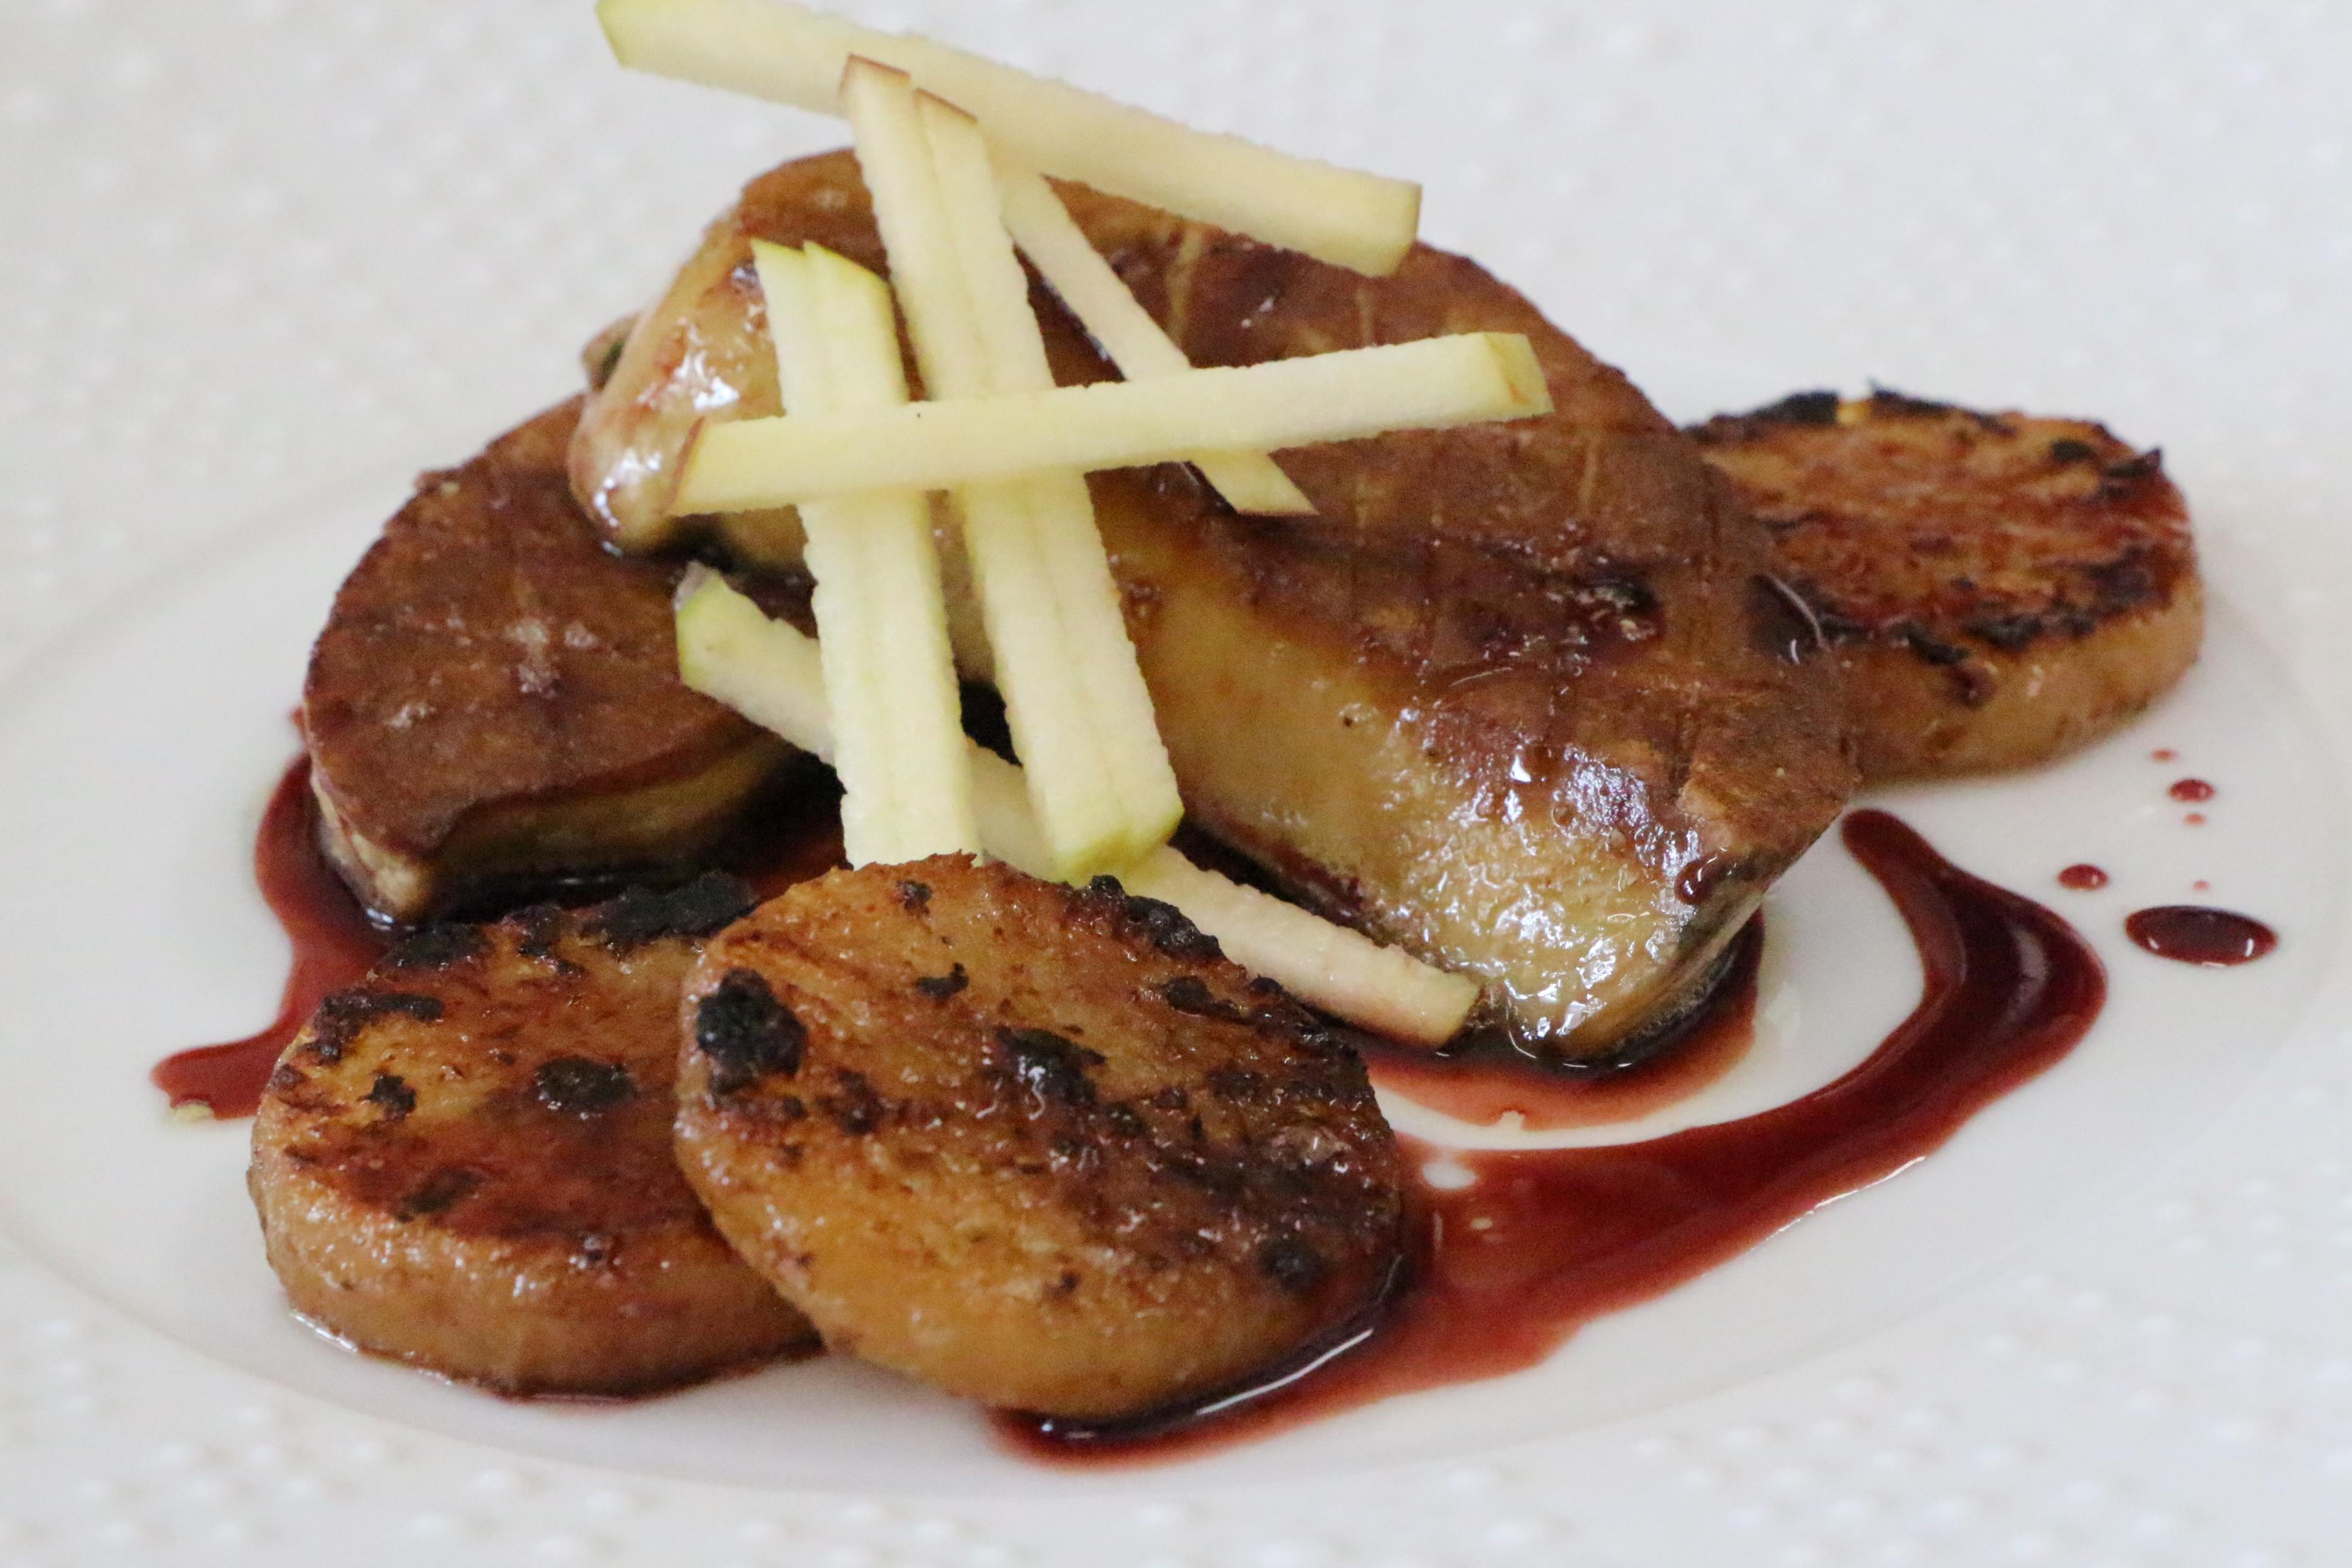 Escalope de foie gras de canard au poivre de Sichuan, navet confit. Le Carillon 59740 LIESSIES